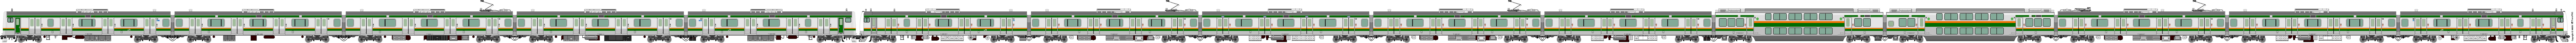 [5430] 東日本旅客鉄道 5430